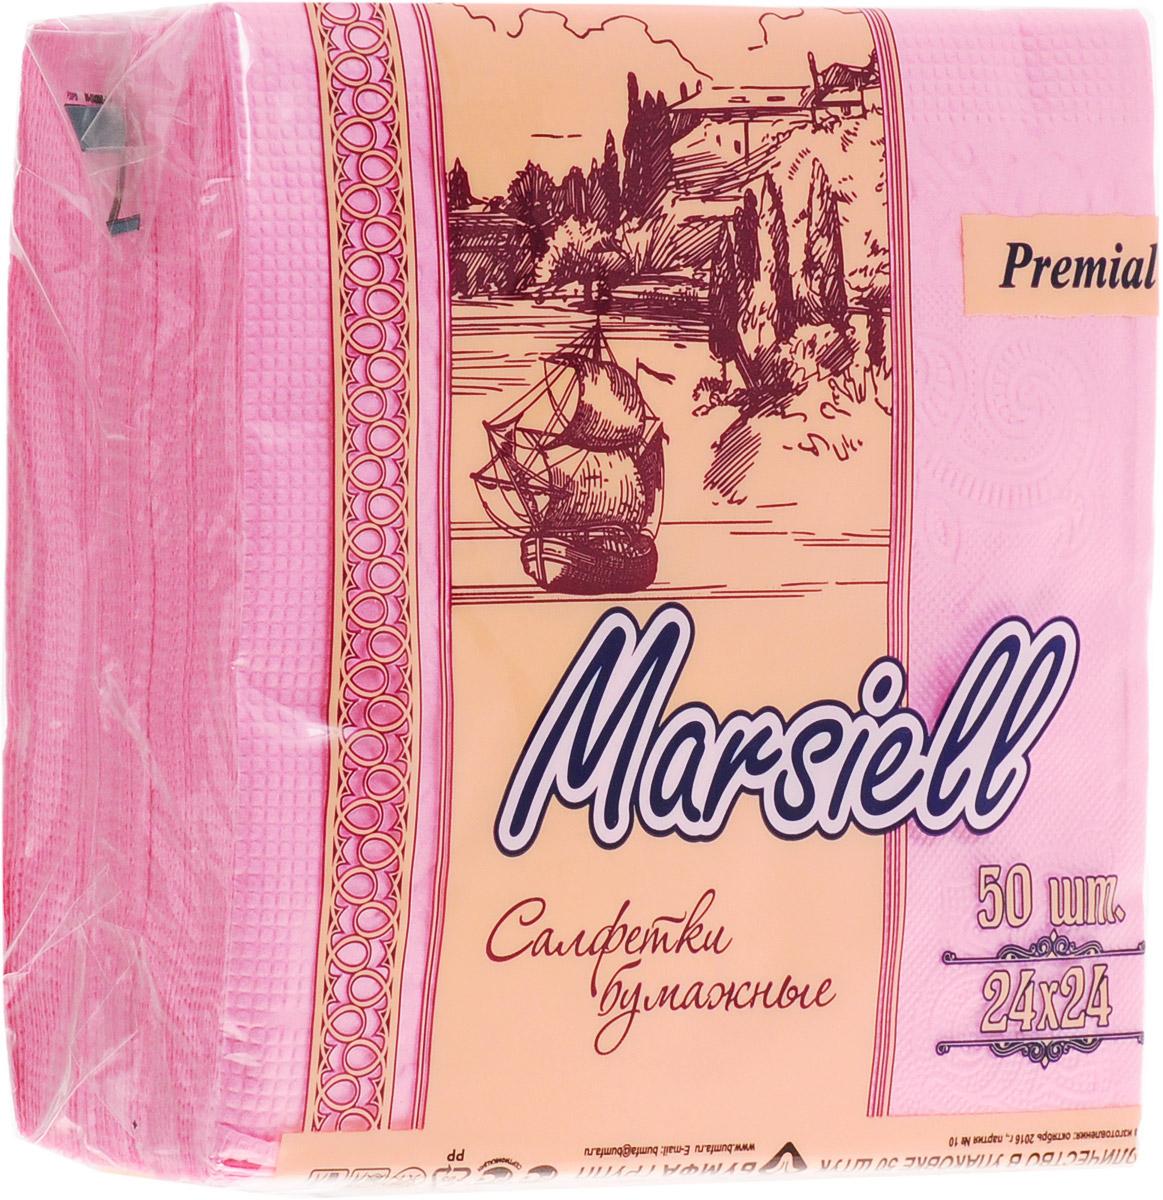 Premial Marsiel Салфетки декоративные двухслойные, цвет: розовый, 50 шт0910-2190_розовыйУниверсальные двухслойные салфетки Premial Marsiel выполнены из высококачественного целлюлозного сырья. Салфетки подходят для косметического, санитарно-гигиенического и хозяйственного назначения. Изделия обладают хорошими впитывающими свойствами. Салфетки имеют мягкую и нежную текстуру. При извлечении из коробки салфетки не рвутся. Салфетки окрашены в яркий цвет и станут превосходным украшением праздничного стола.